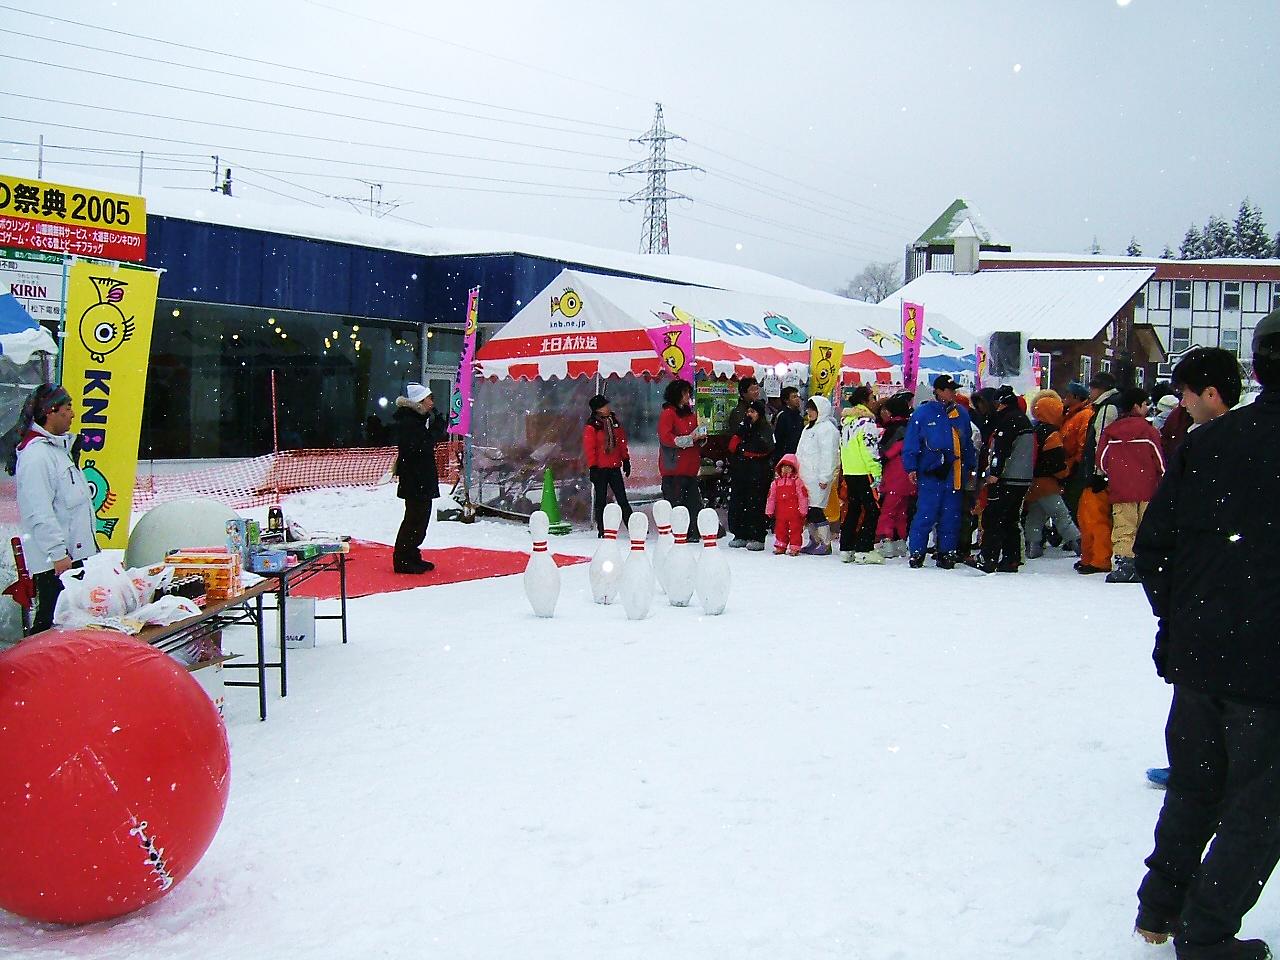 らいちょうバレー 雪の祭典